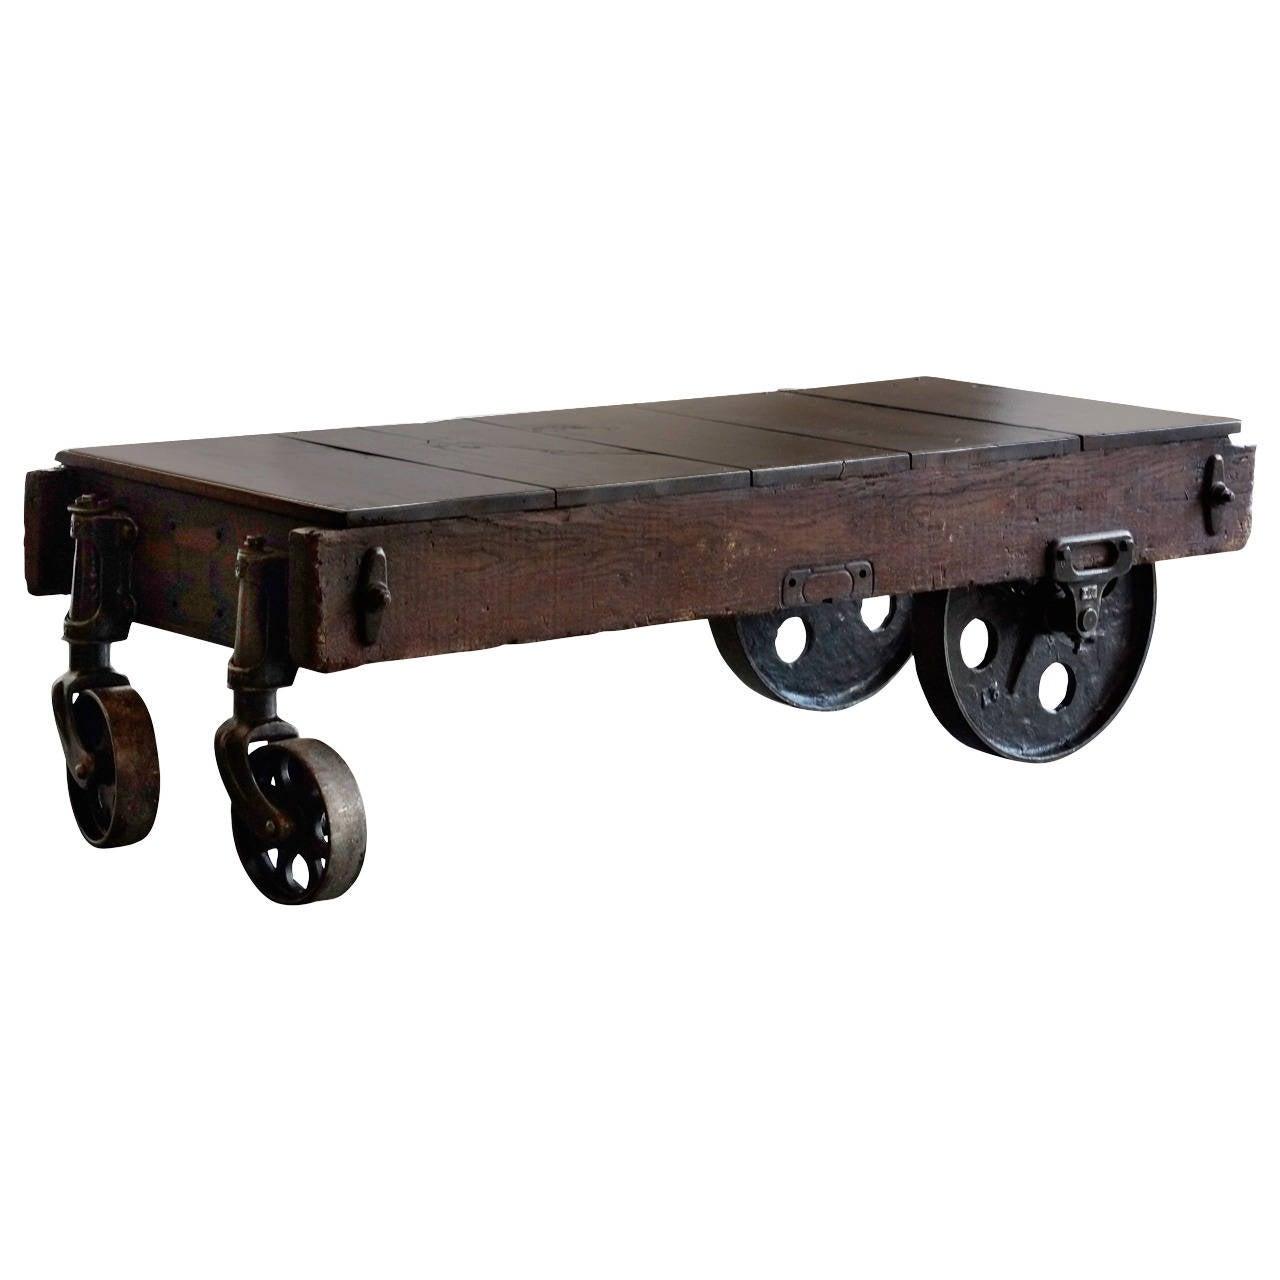 Vintage Industrial Cart Coffee Table: Vintage Industrial Coffee Table Or Cart At 1stdibs